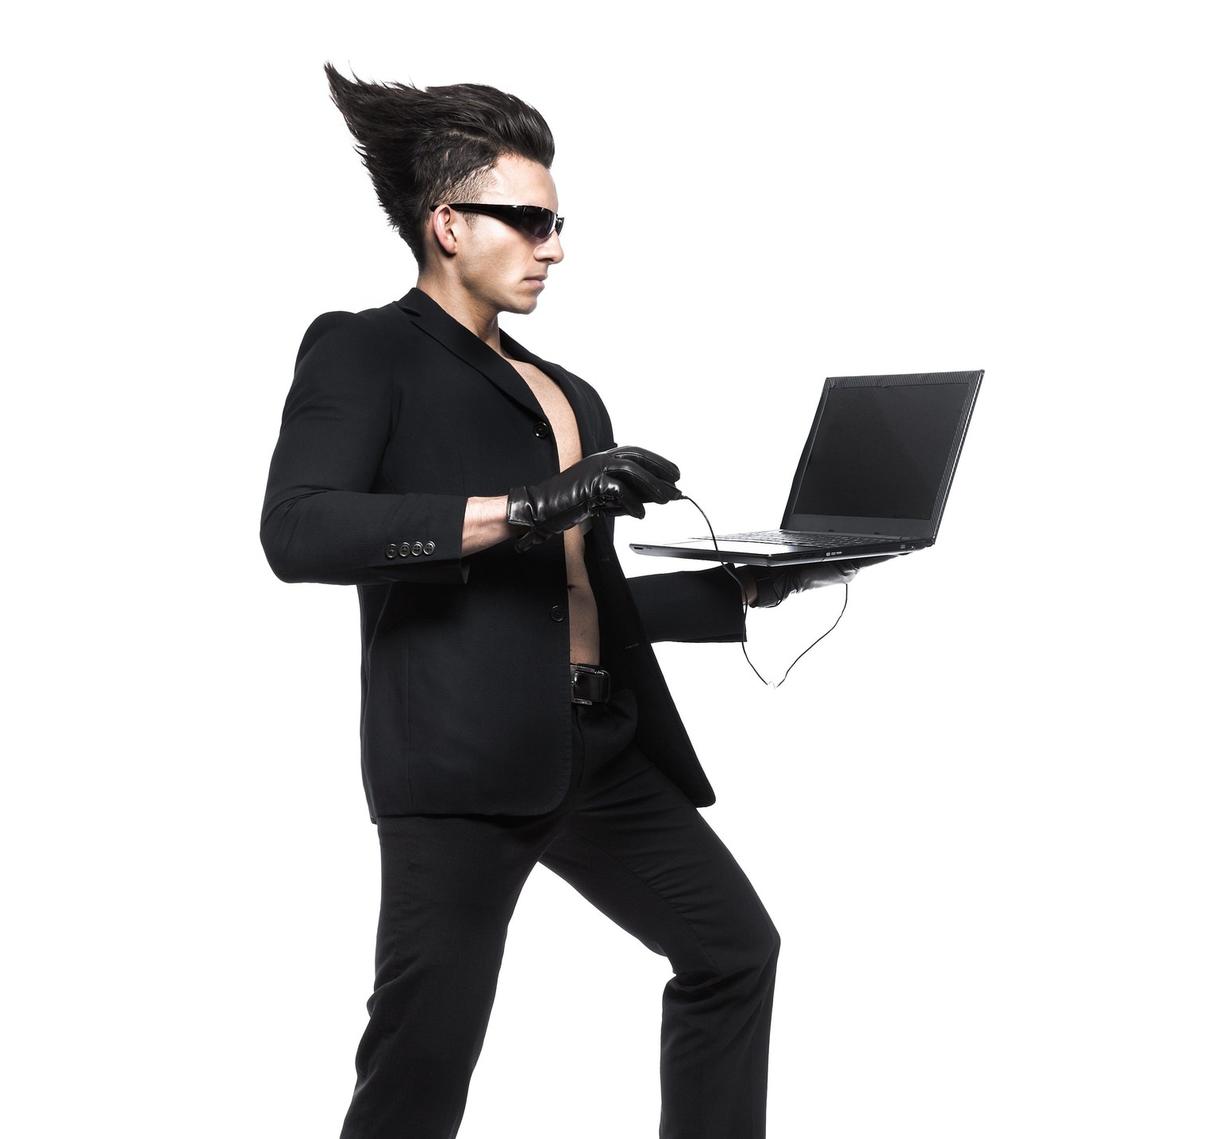 Wordpressのサーバー引越し代行致します ワードプレスサイトのご引越しならお任せください